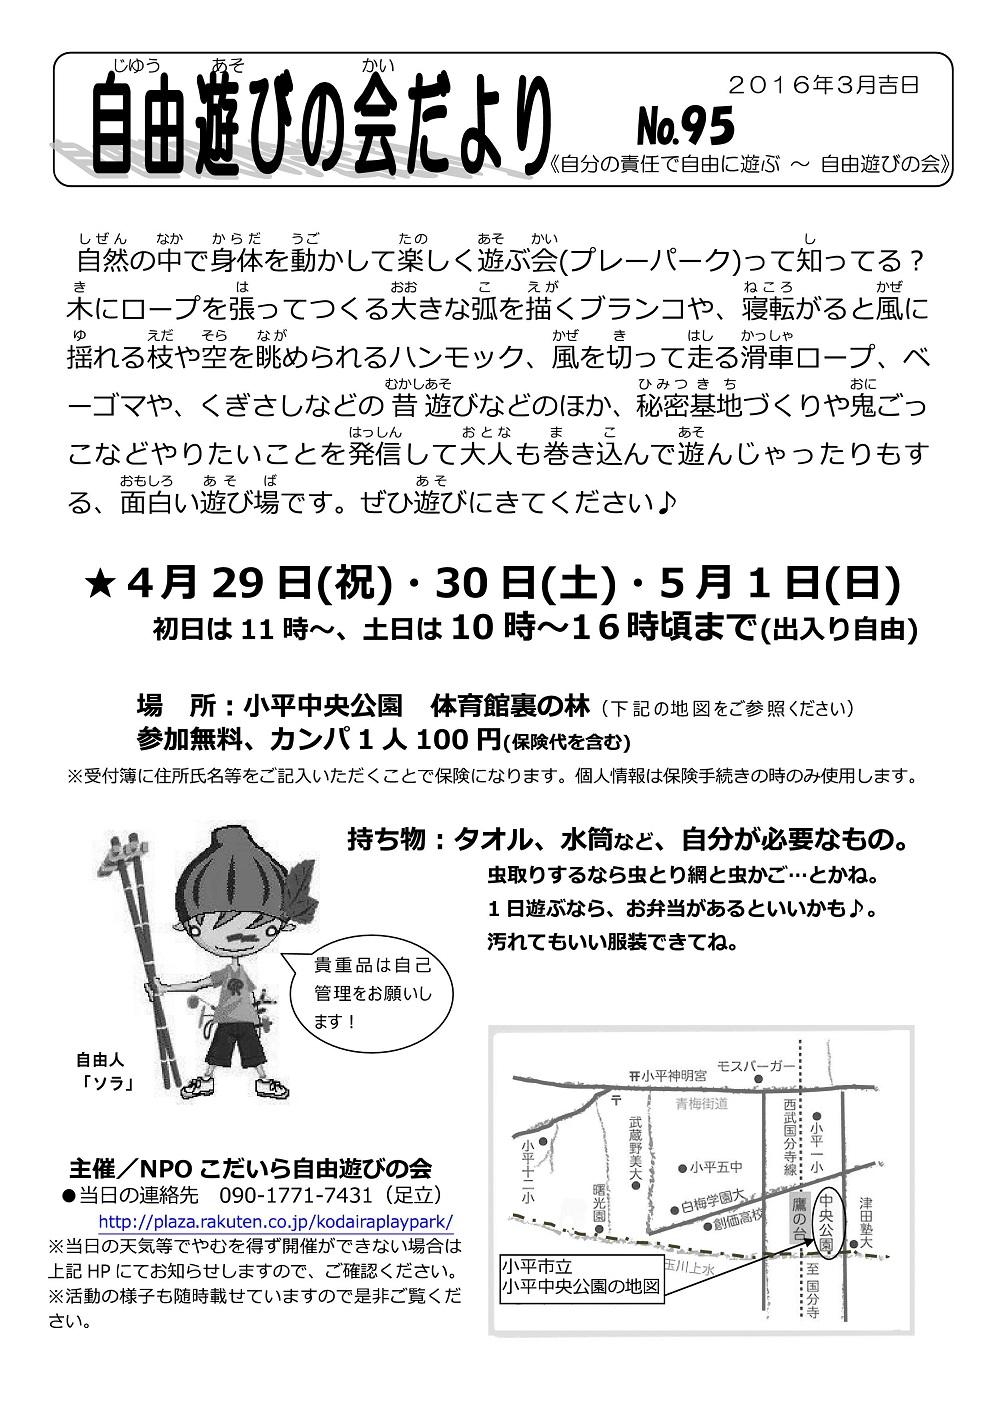 プレパお知らせ-001.jpg